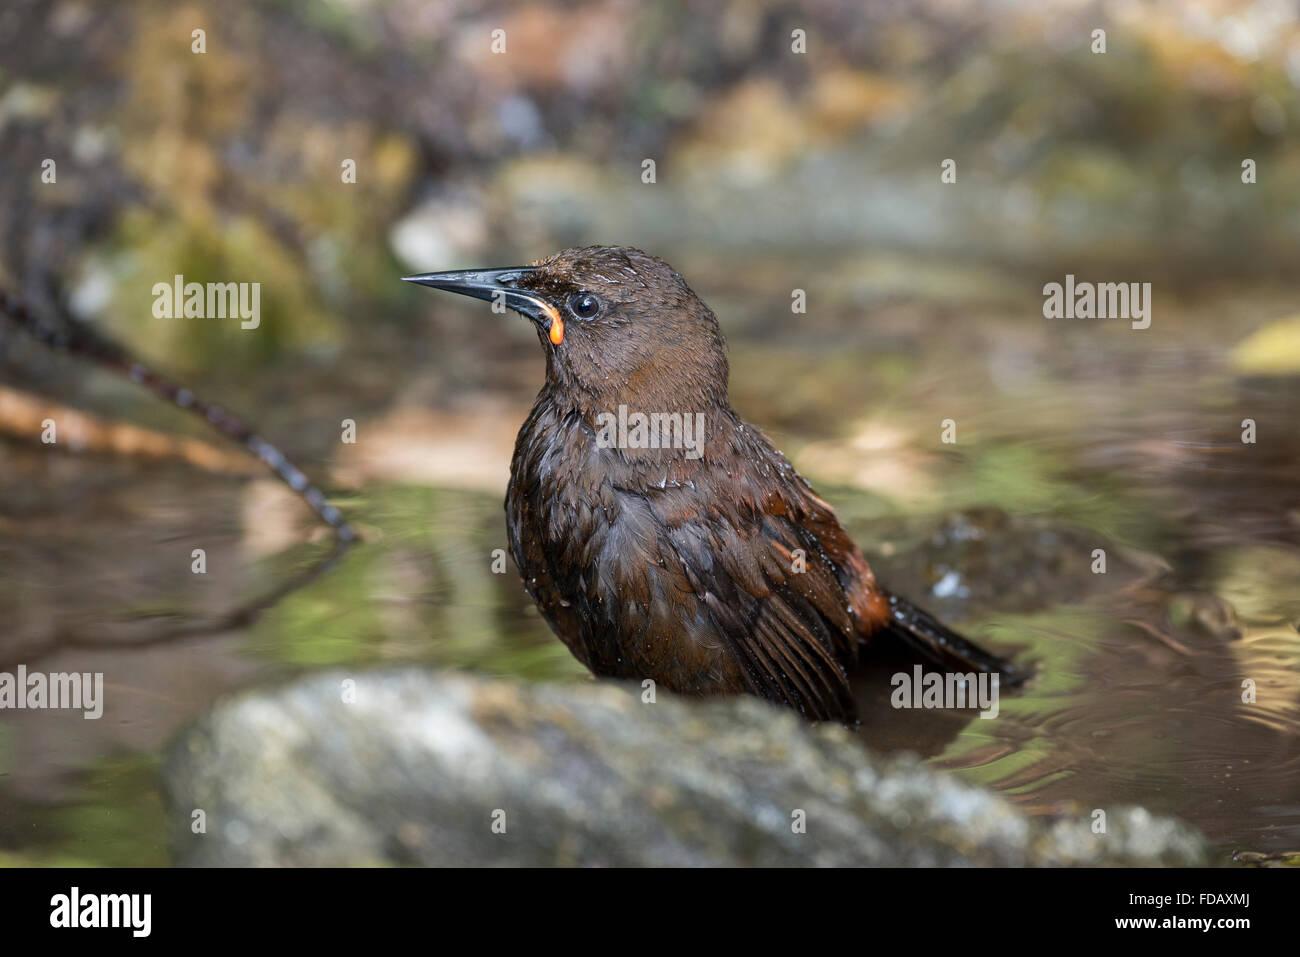 La NOUVELLE ZELANDE, Marlborough Sounds, Motuara Island aka Motu Ara. Sans prédateurs des oiseaux de l'île. L'île du Sud femelle saddleback. Banque D'Images